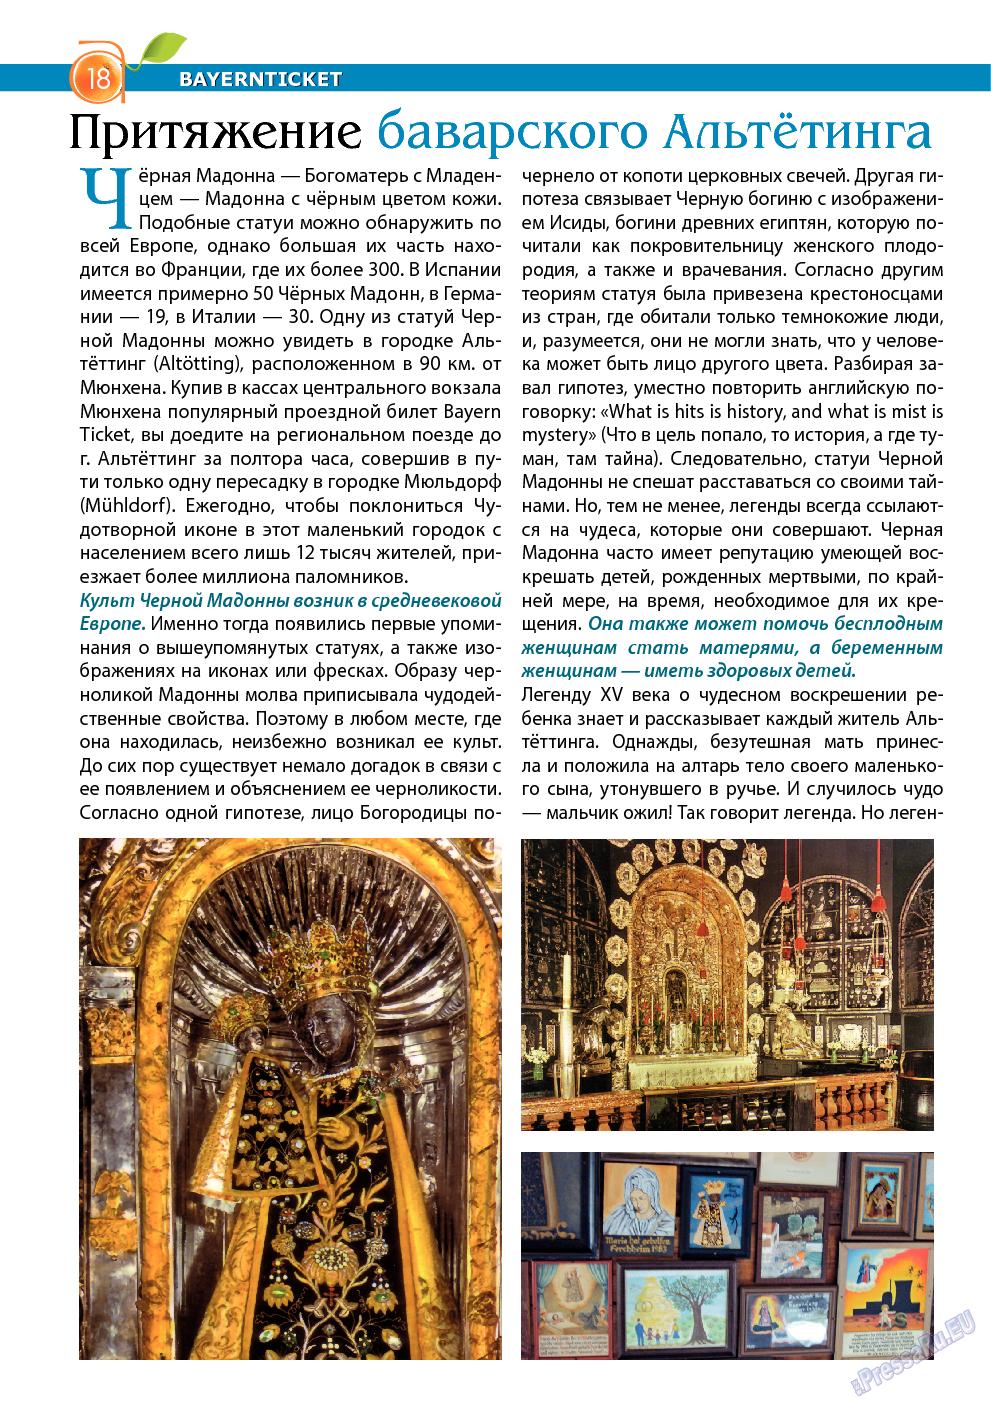 Апельсин (журнал). 2014 год, номер 54, стр. 16